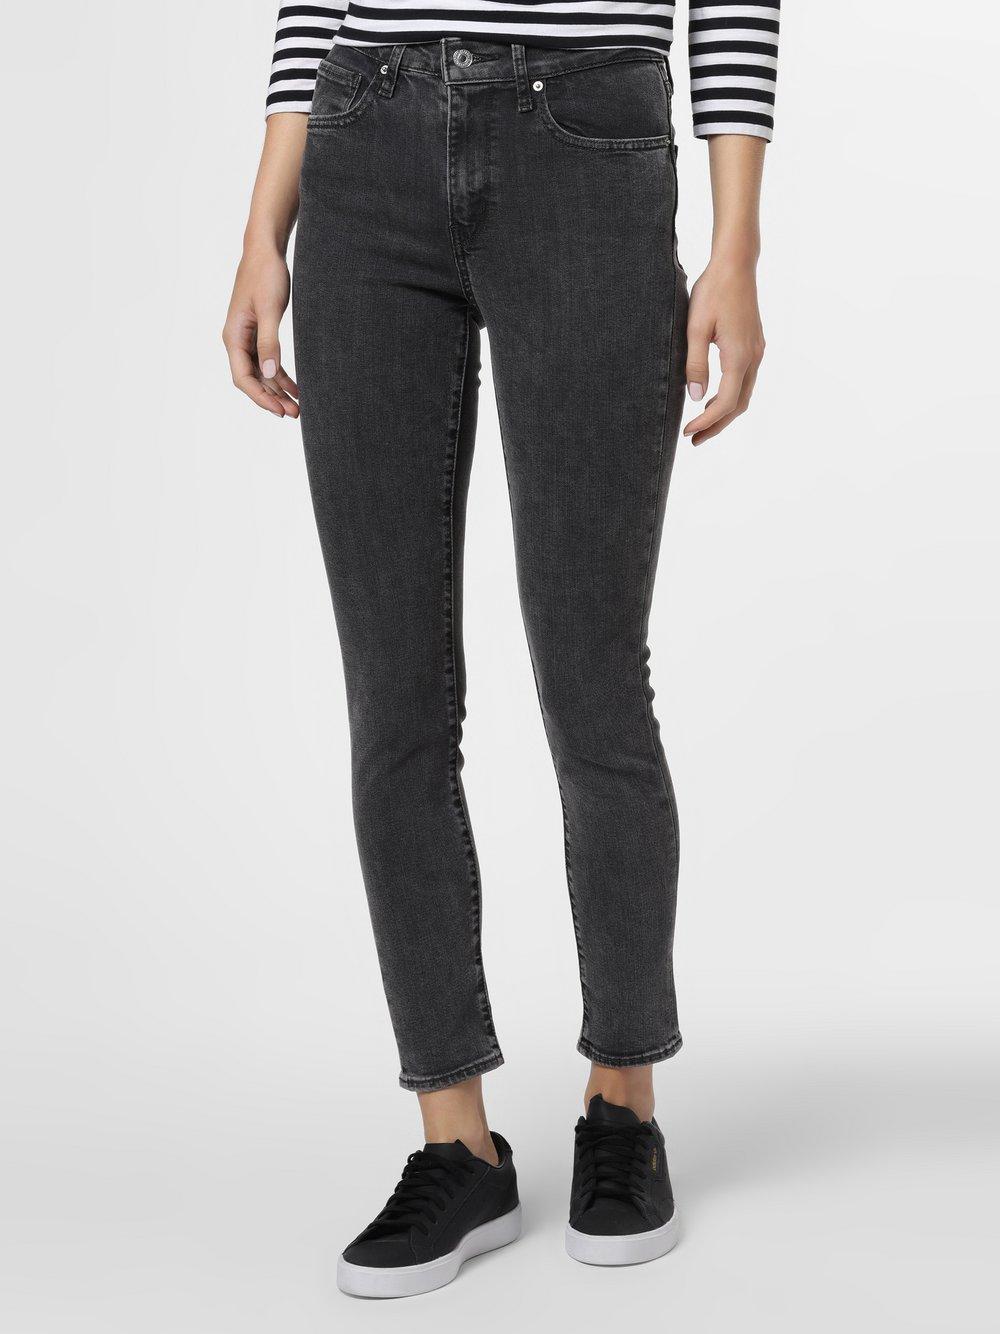 Levi's - Spodnie damskie – 721, czarny